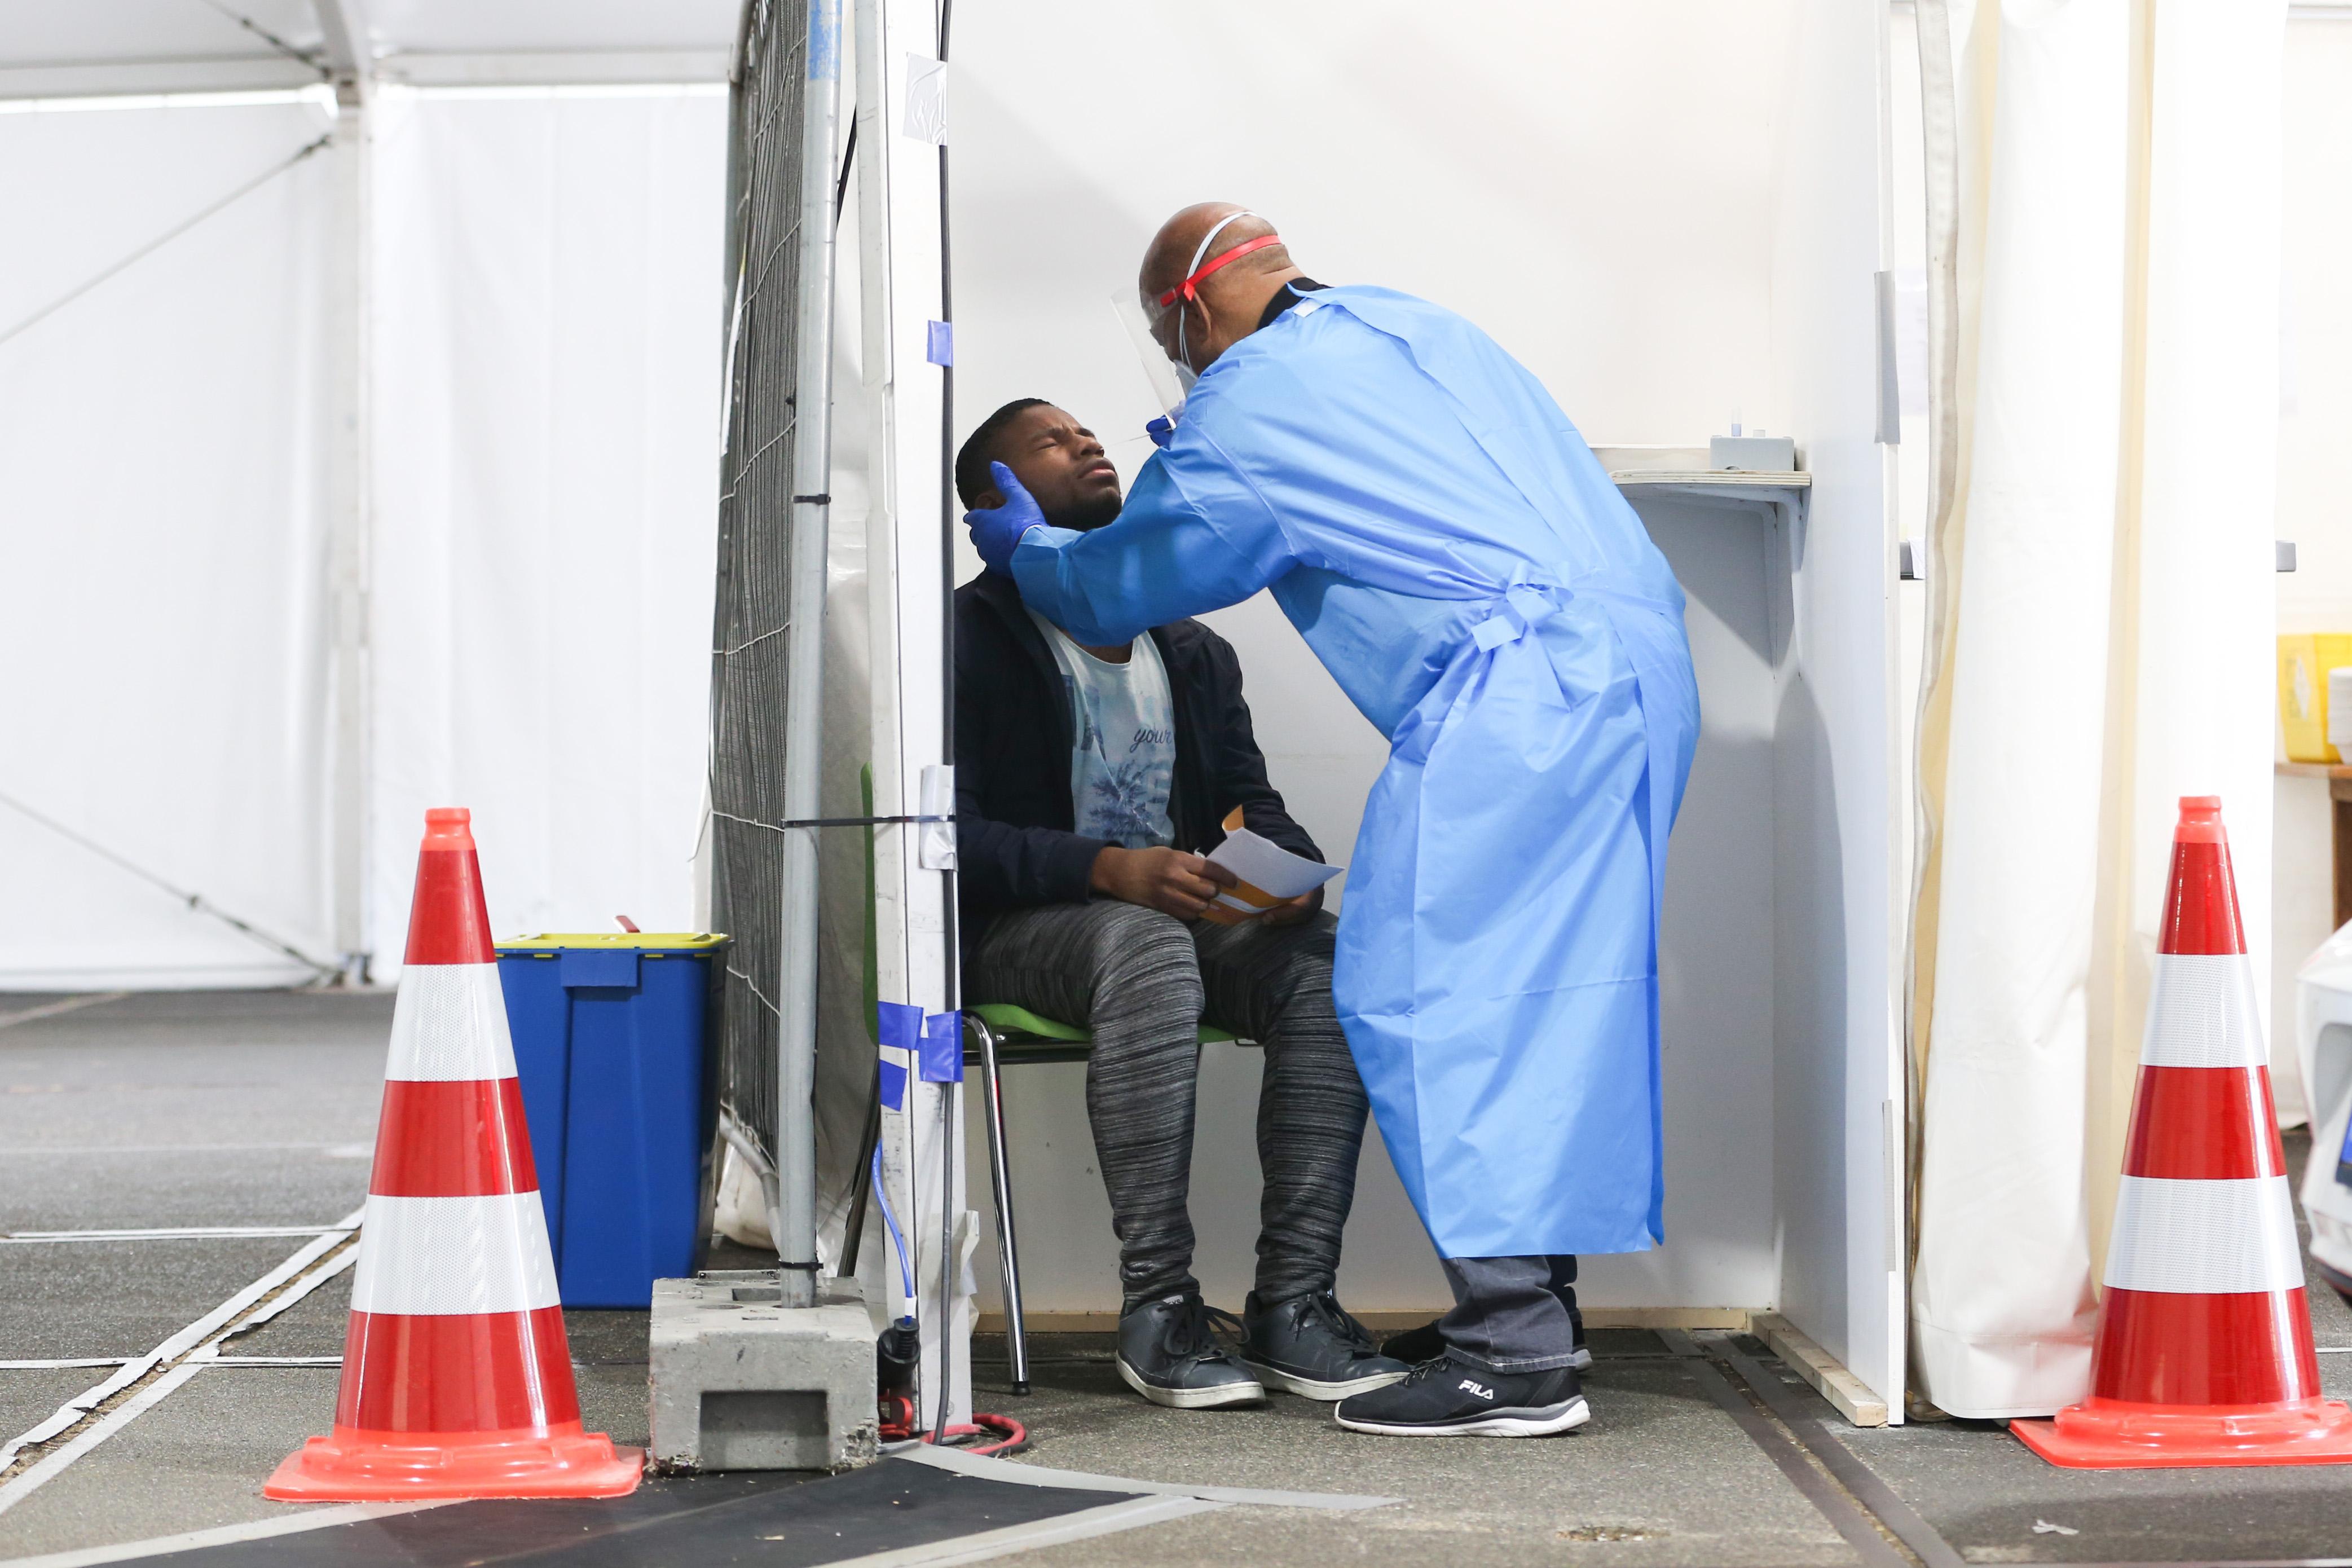 GGD Kennemerland stopt met deel van bron- en contactonderzoek: coronapatiënten moeten dit vaker zelf gaan doen